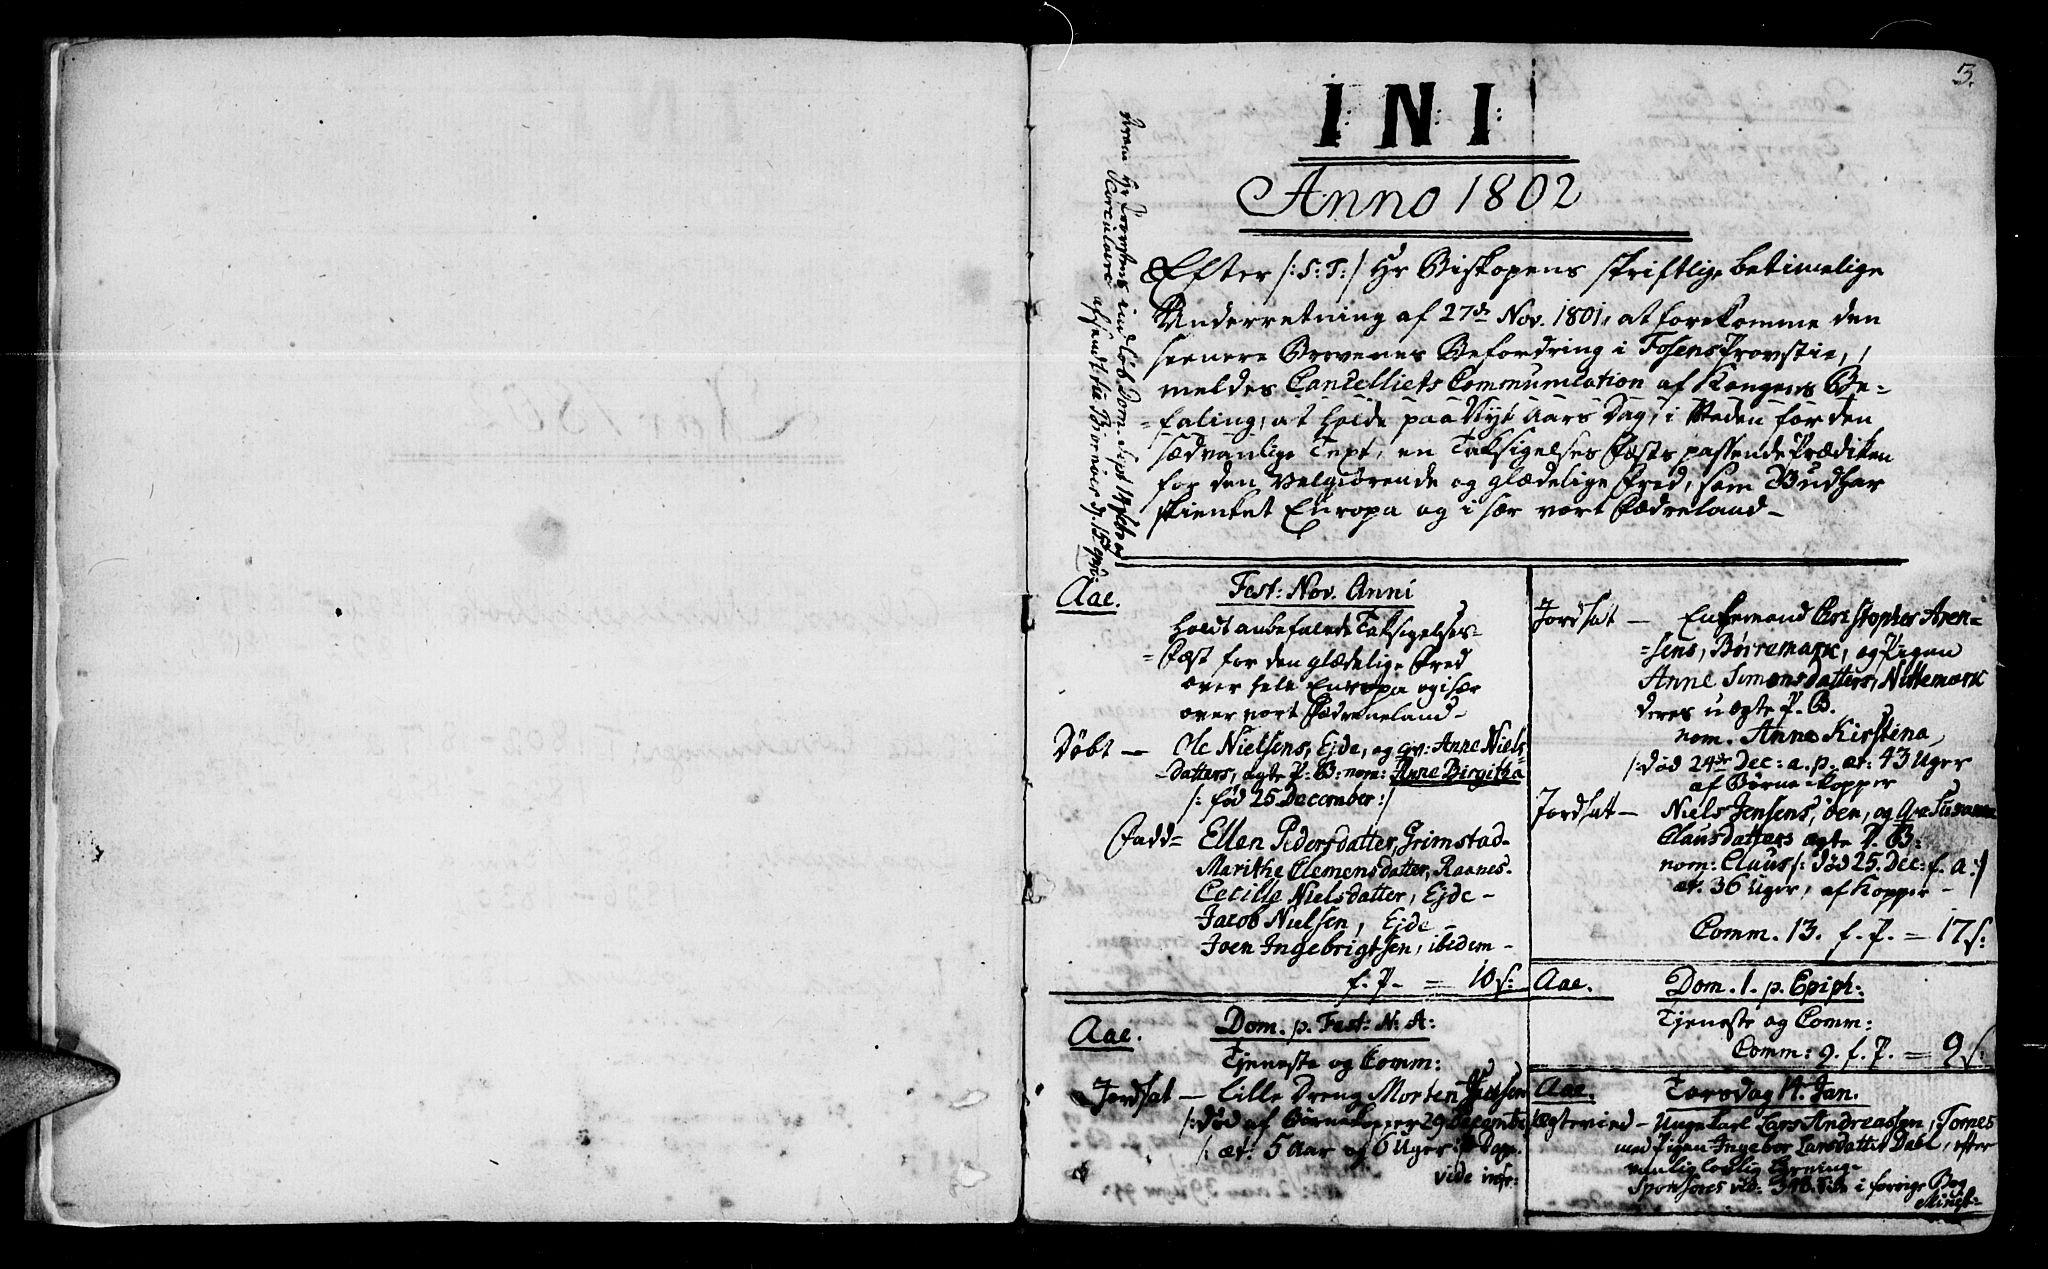 SAT, Ministerialprotokoller, klokkerbøker og fødselsregistre - Sør-Trøndelag, 655/L0674: Ministerialbok nr. 655A03, 1802-1826, s. 2-3